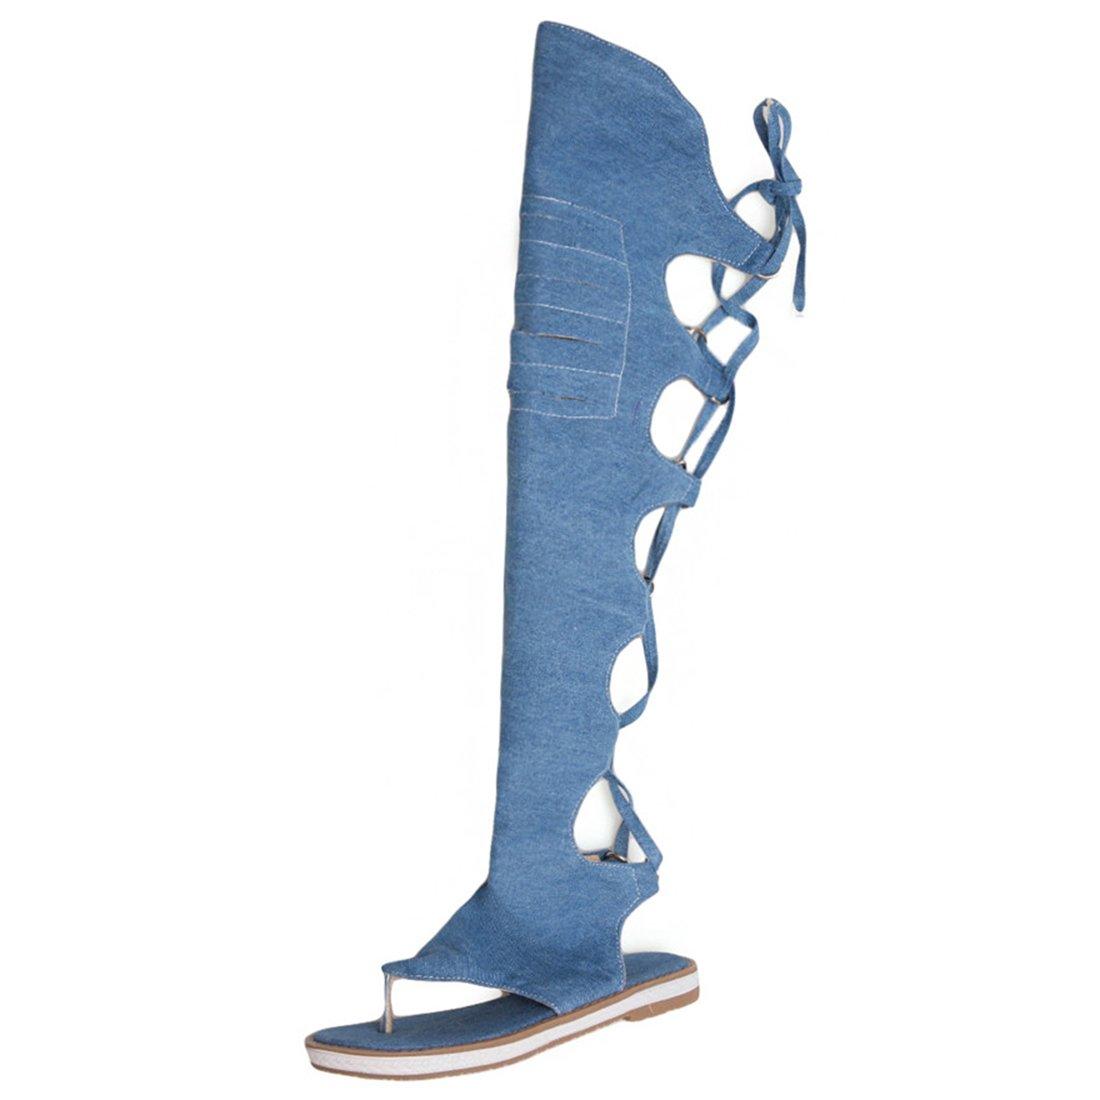 Artfaerie 4A-22318*DJB*66-5, 19950 Bottes Classiques Classiques Femme B077976CJY Bleu be08d96 - epictionpvp.space